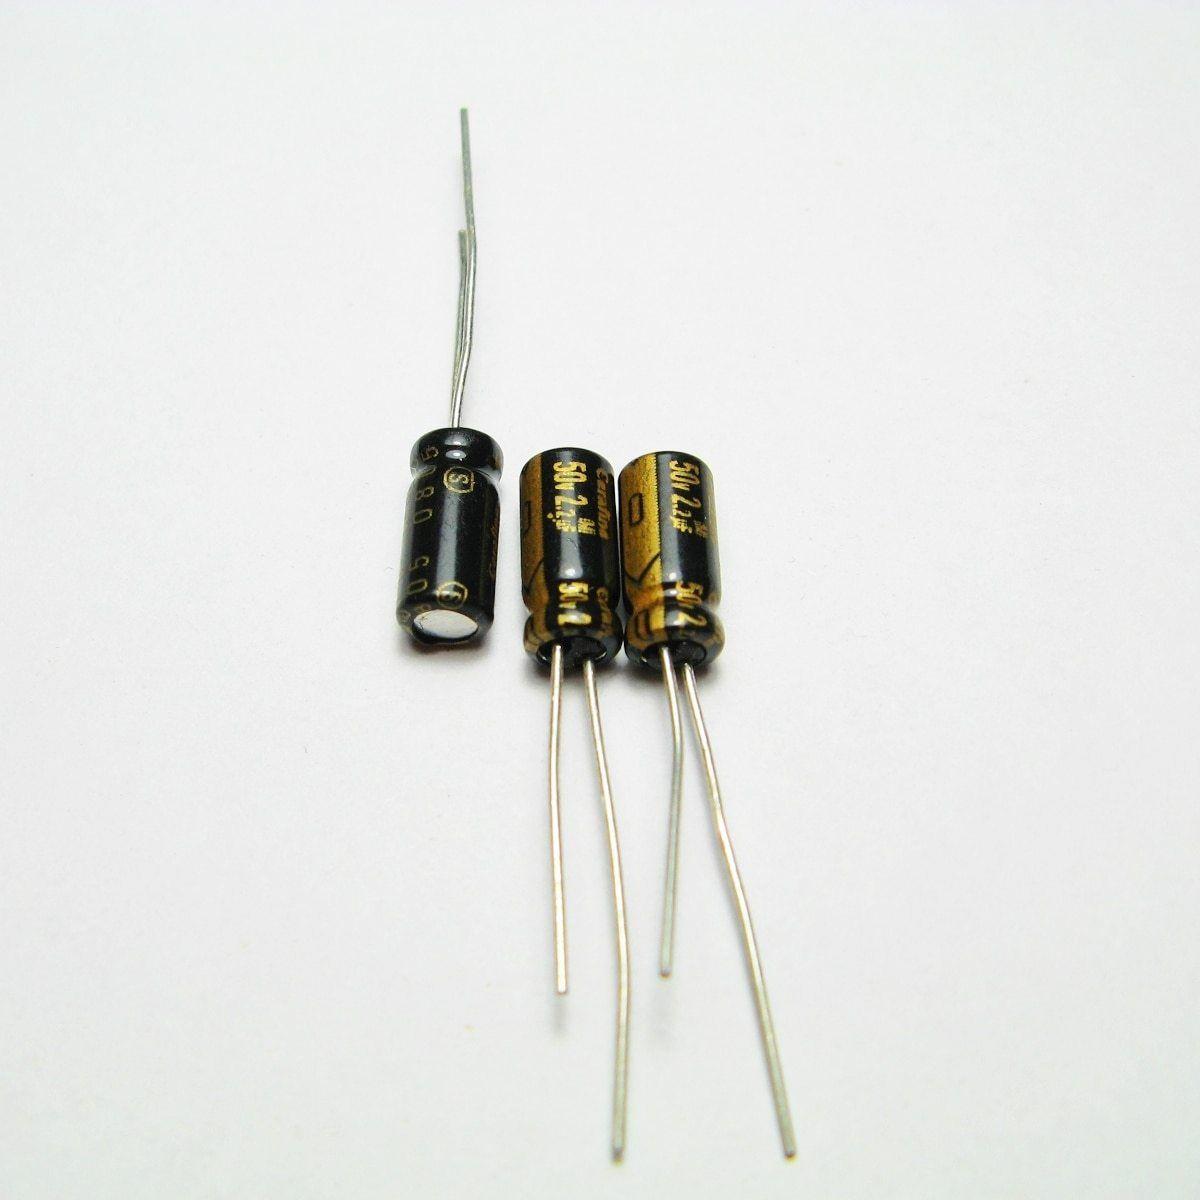 20pcs Thailand Elna Cerafine 50v2 2uf Audio Capacitor